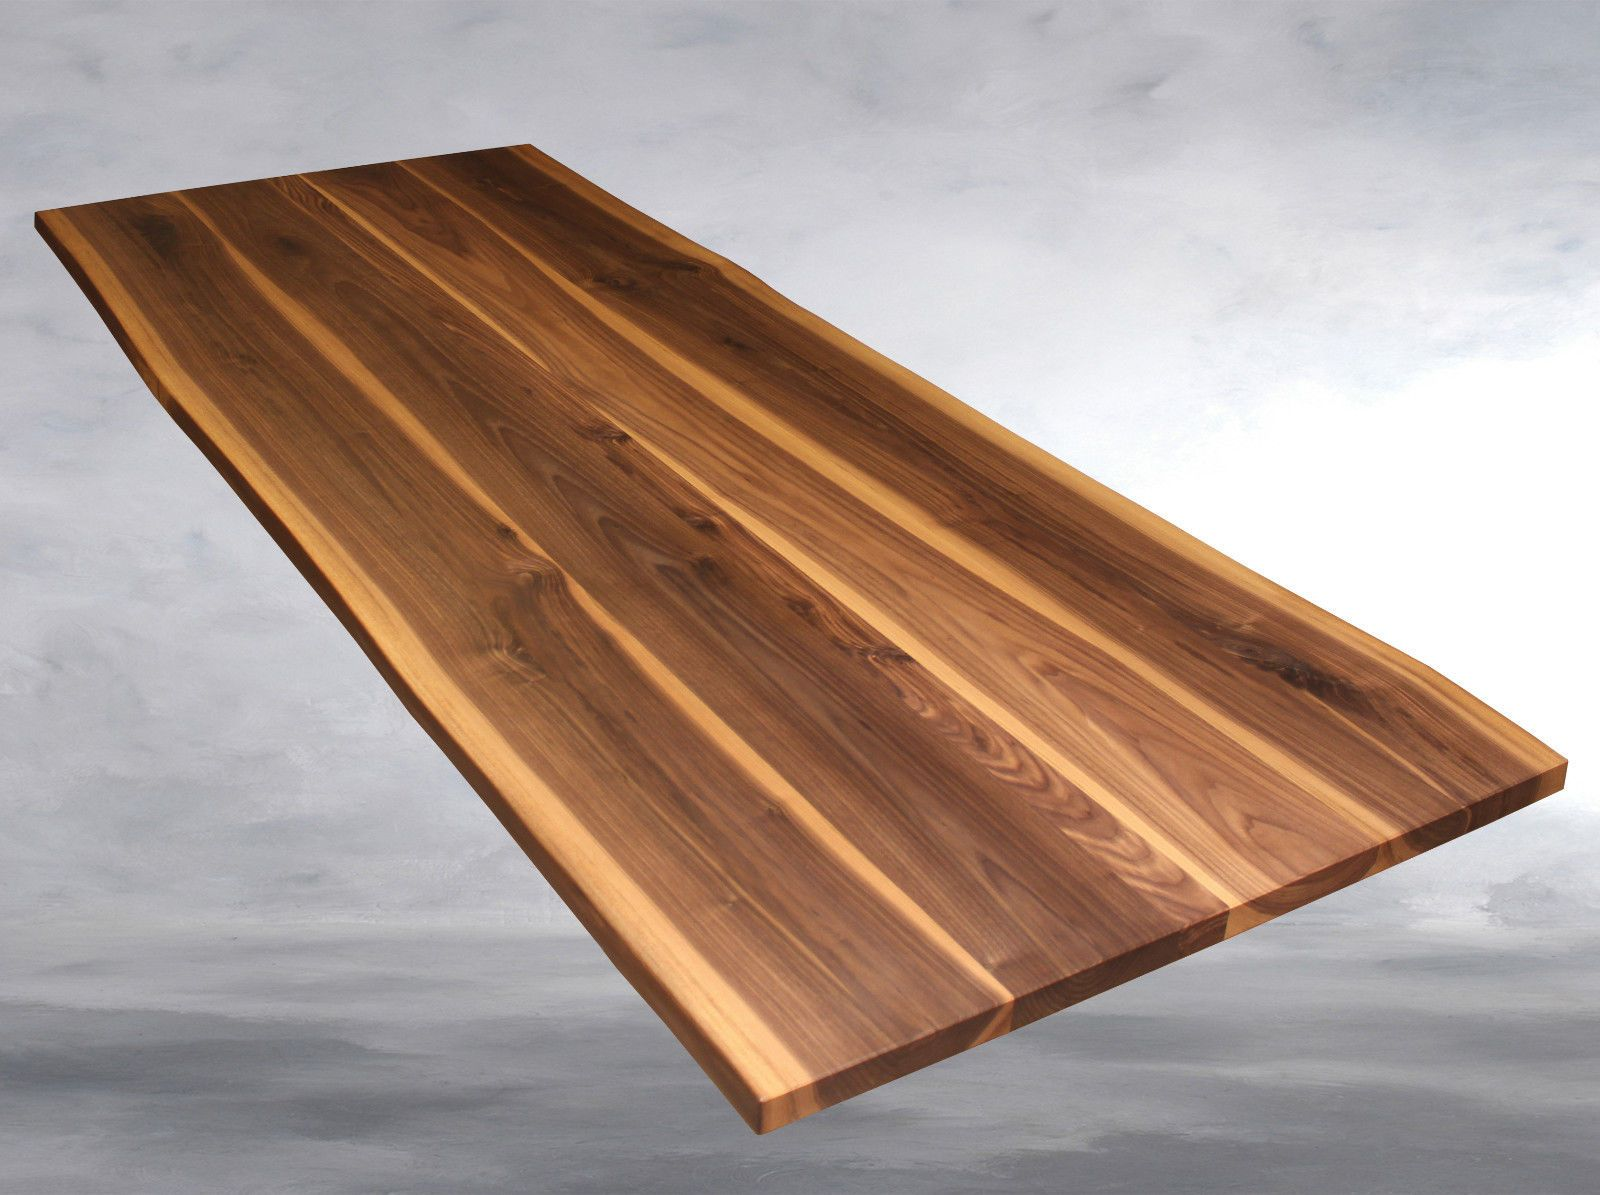 Tischplatte Nussbaum Massiv Esstisch Baumkante Geolt Massivholz